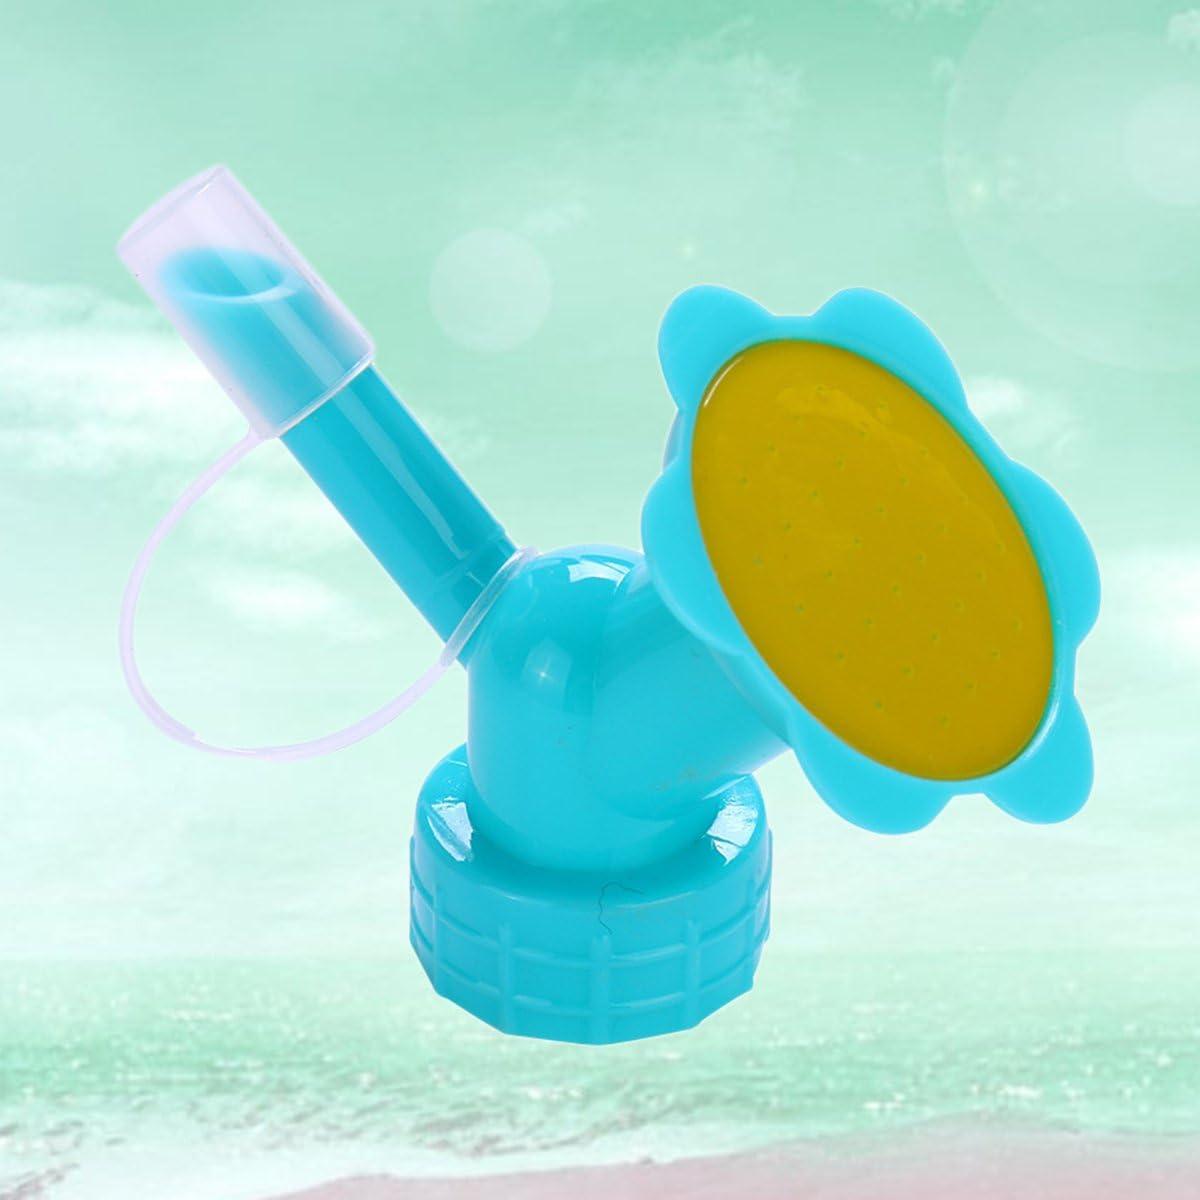 blau Yardwe Gie/ßkanne f/ür Langen Mund Doppelkopf Sprinklerd/üse Topfbew/ässerungsger/ät Gie/ßkanne Gartenger/äte